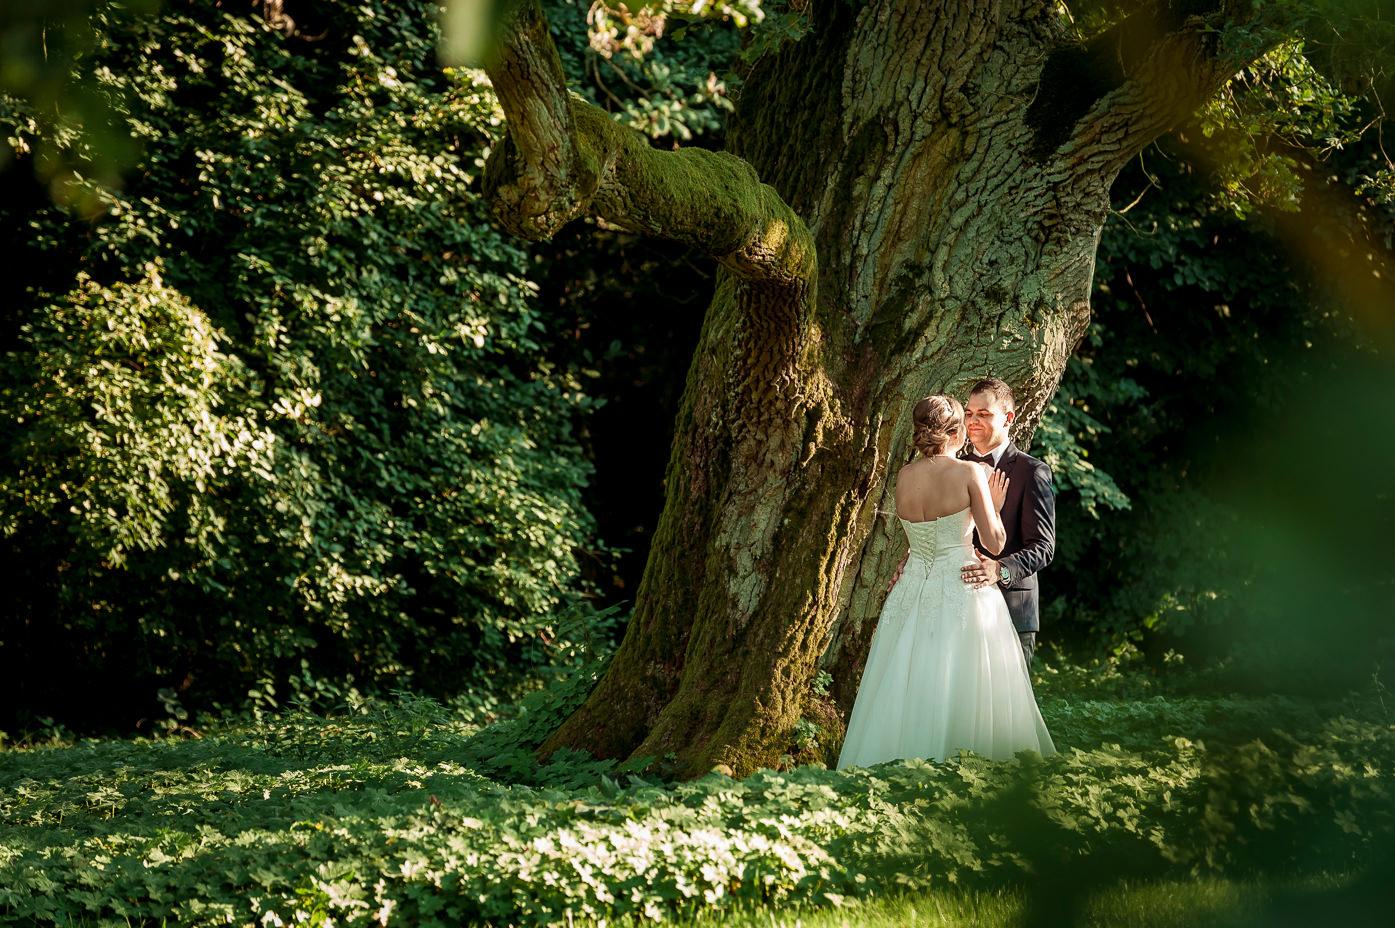 Fotografia Ślubna Trójmiasto - ponadczasowe fotografie ślubne trójmiasto pomorskie